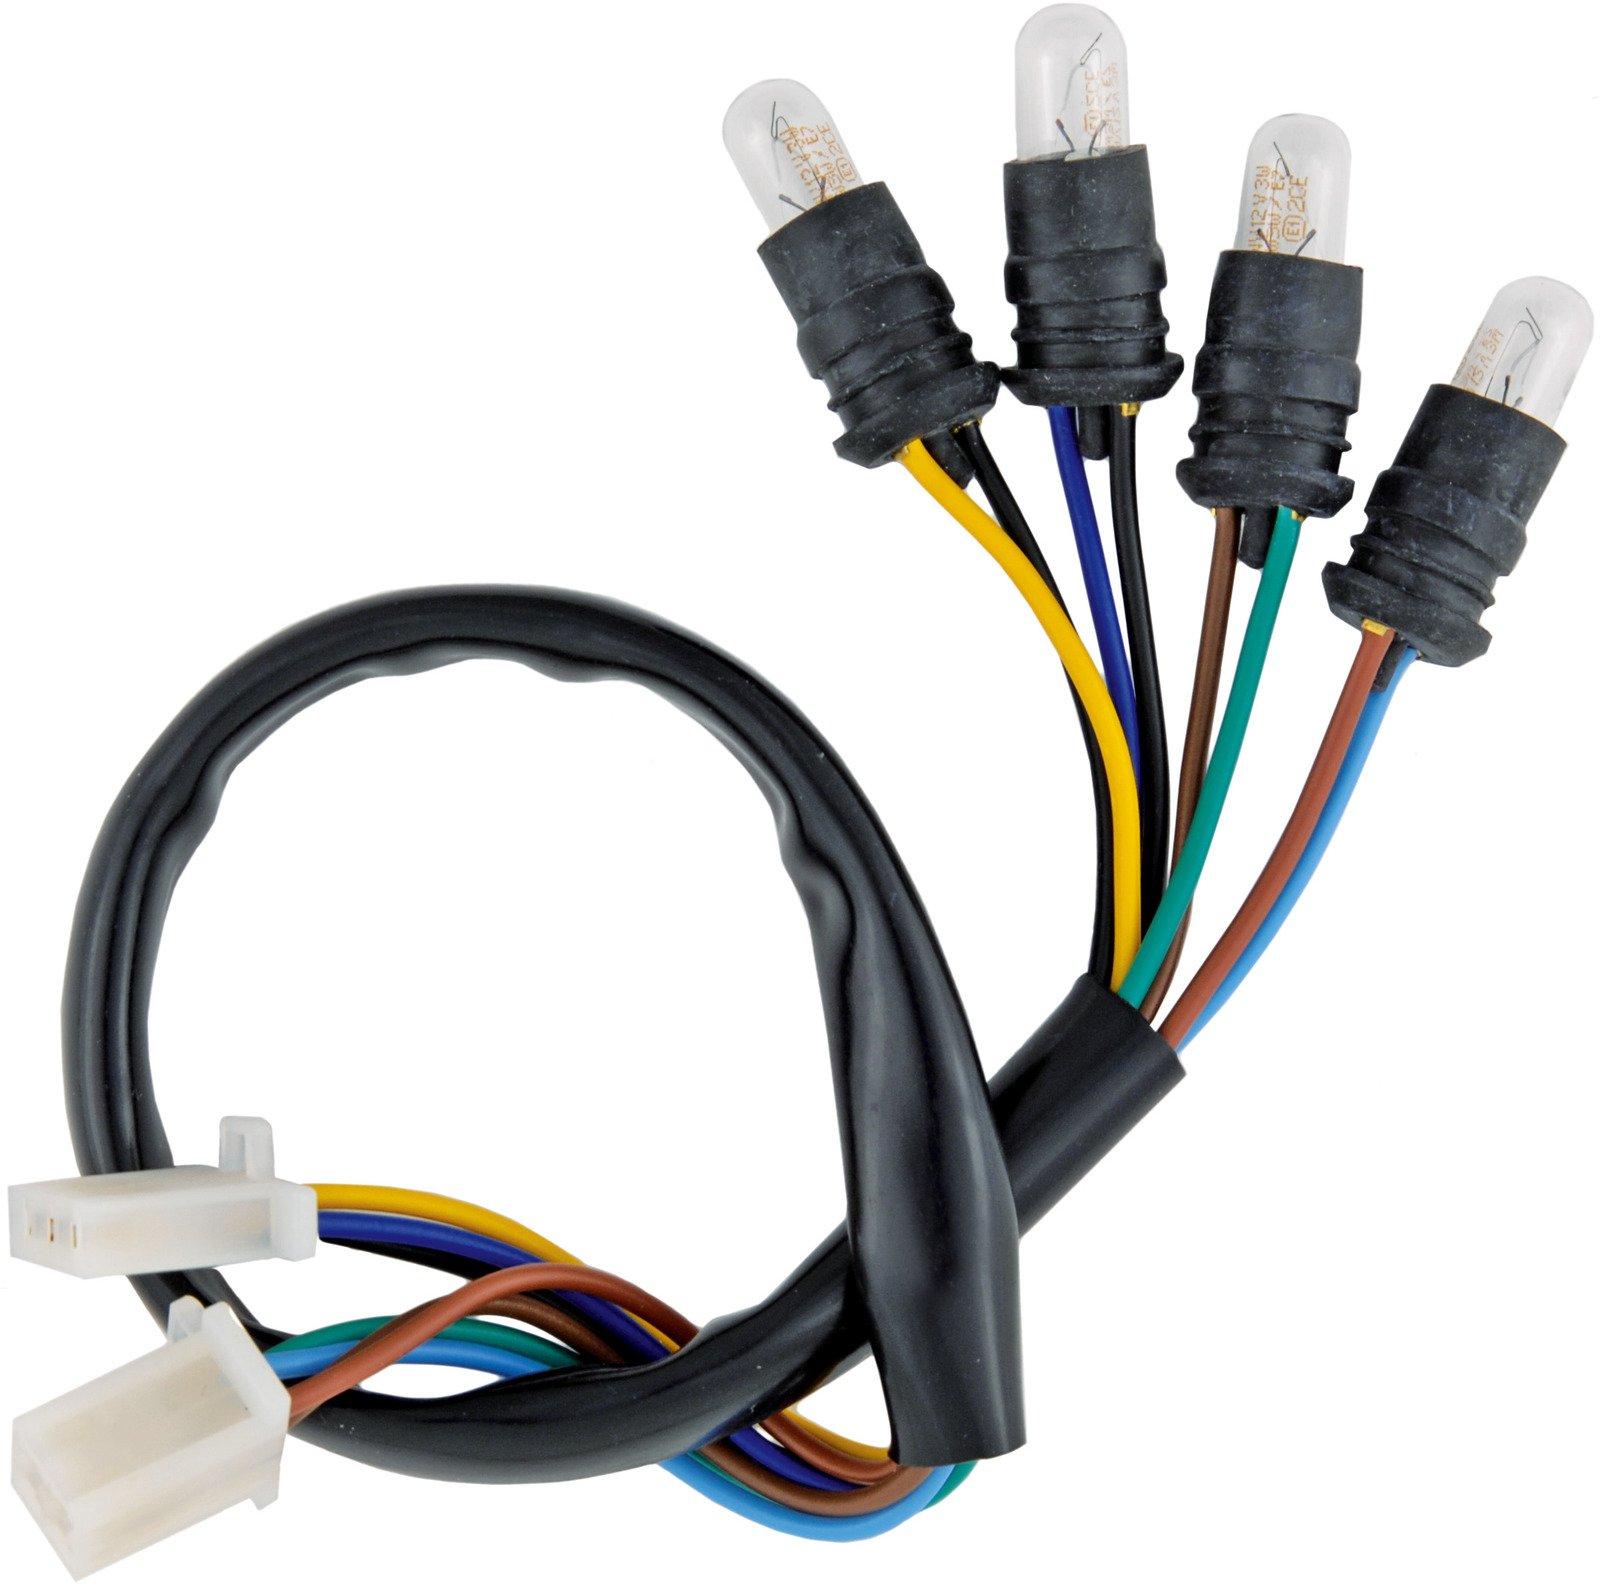 Yamaha Xt500 Sr500 Tachometer Wiring Harness Loom W 6v 3w Bulbs 01 041